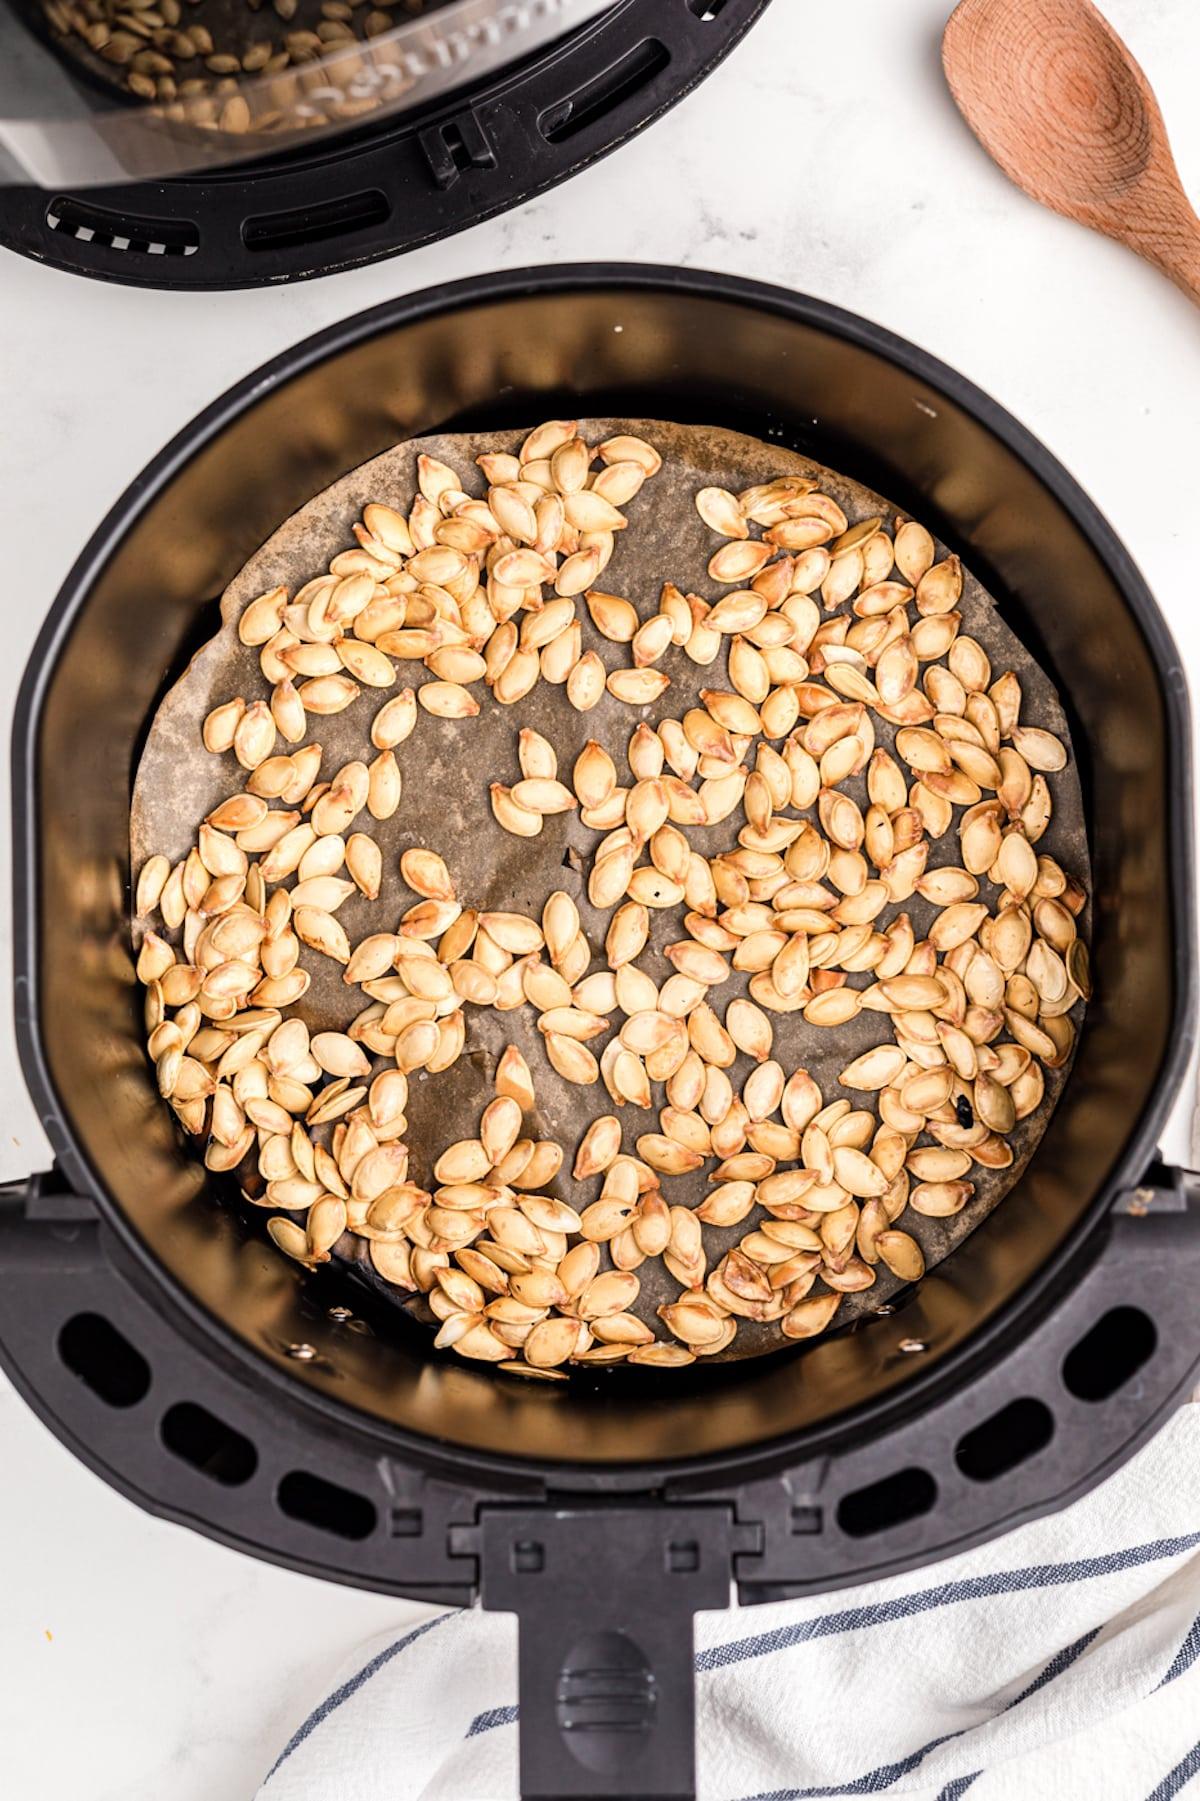 roasted pumpkin seeds in an air fryer